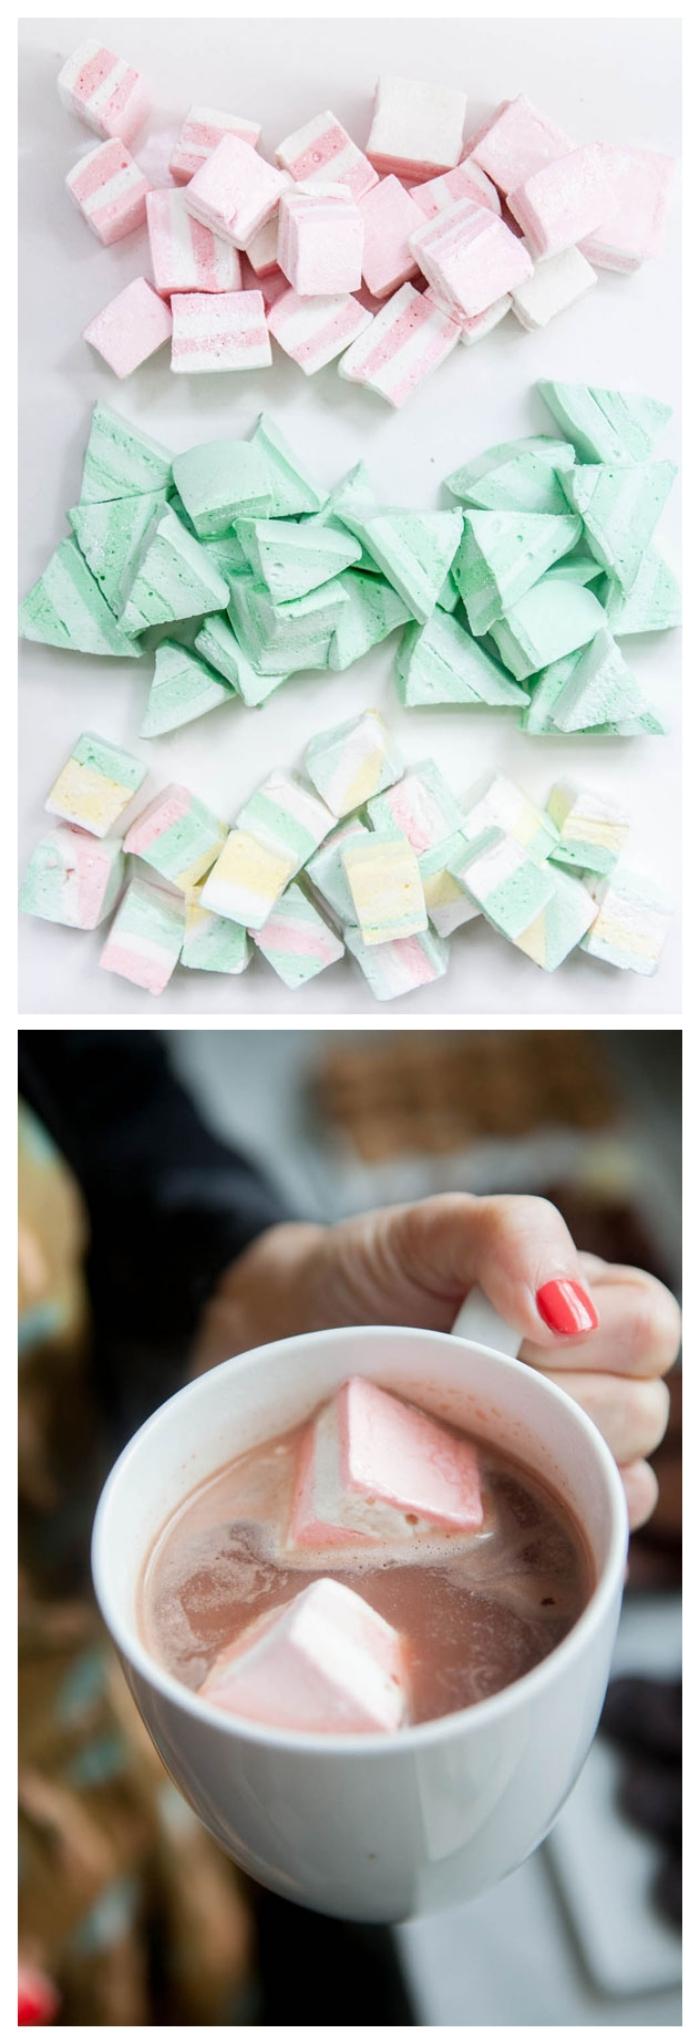 recette de marshmallow ou guimauve maison tendre et fondante, comment faire de la guimauve bicolore